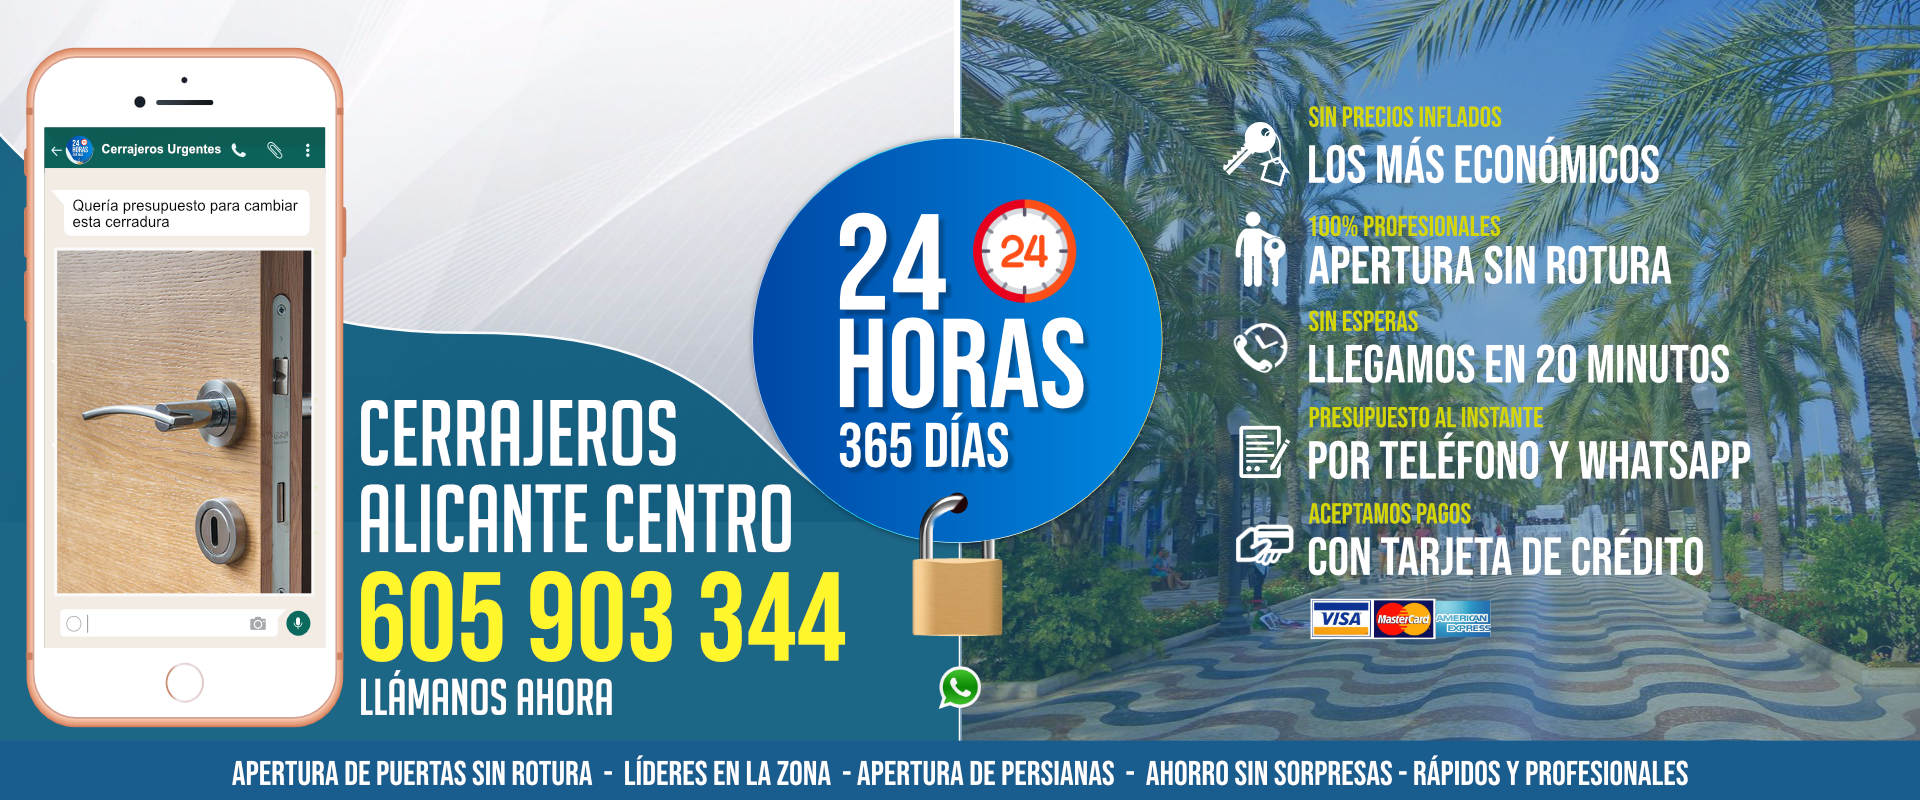 Cerrajeros Alicante Centro 1